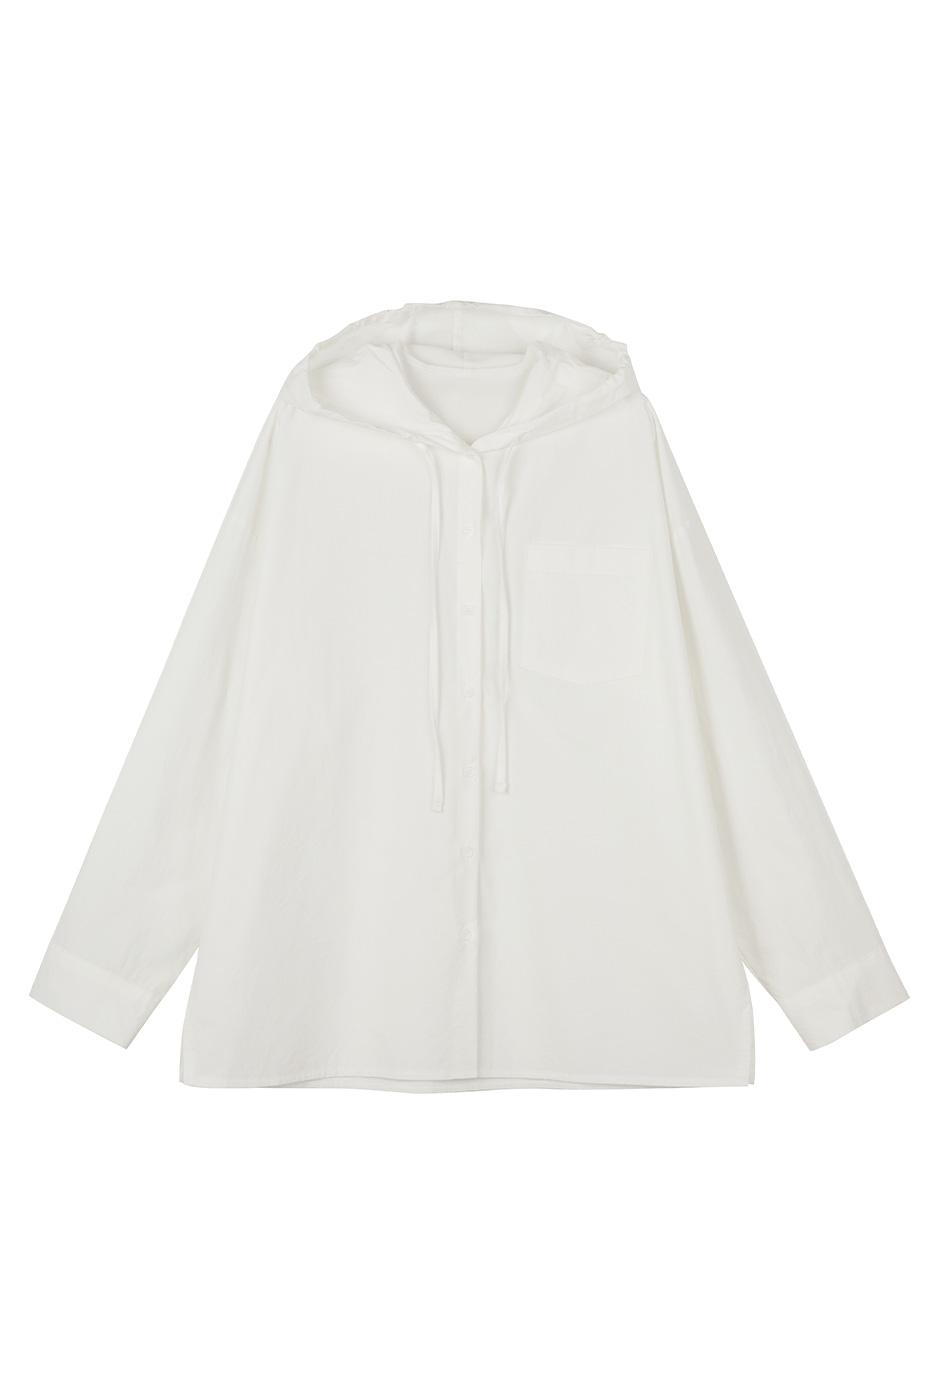 Delight hooded shirt